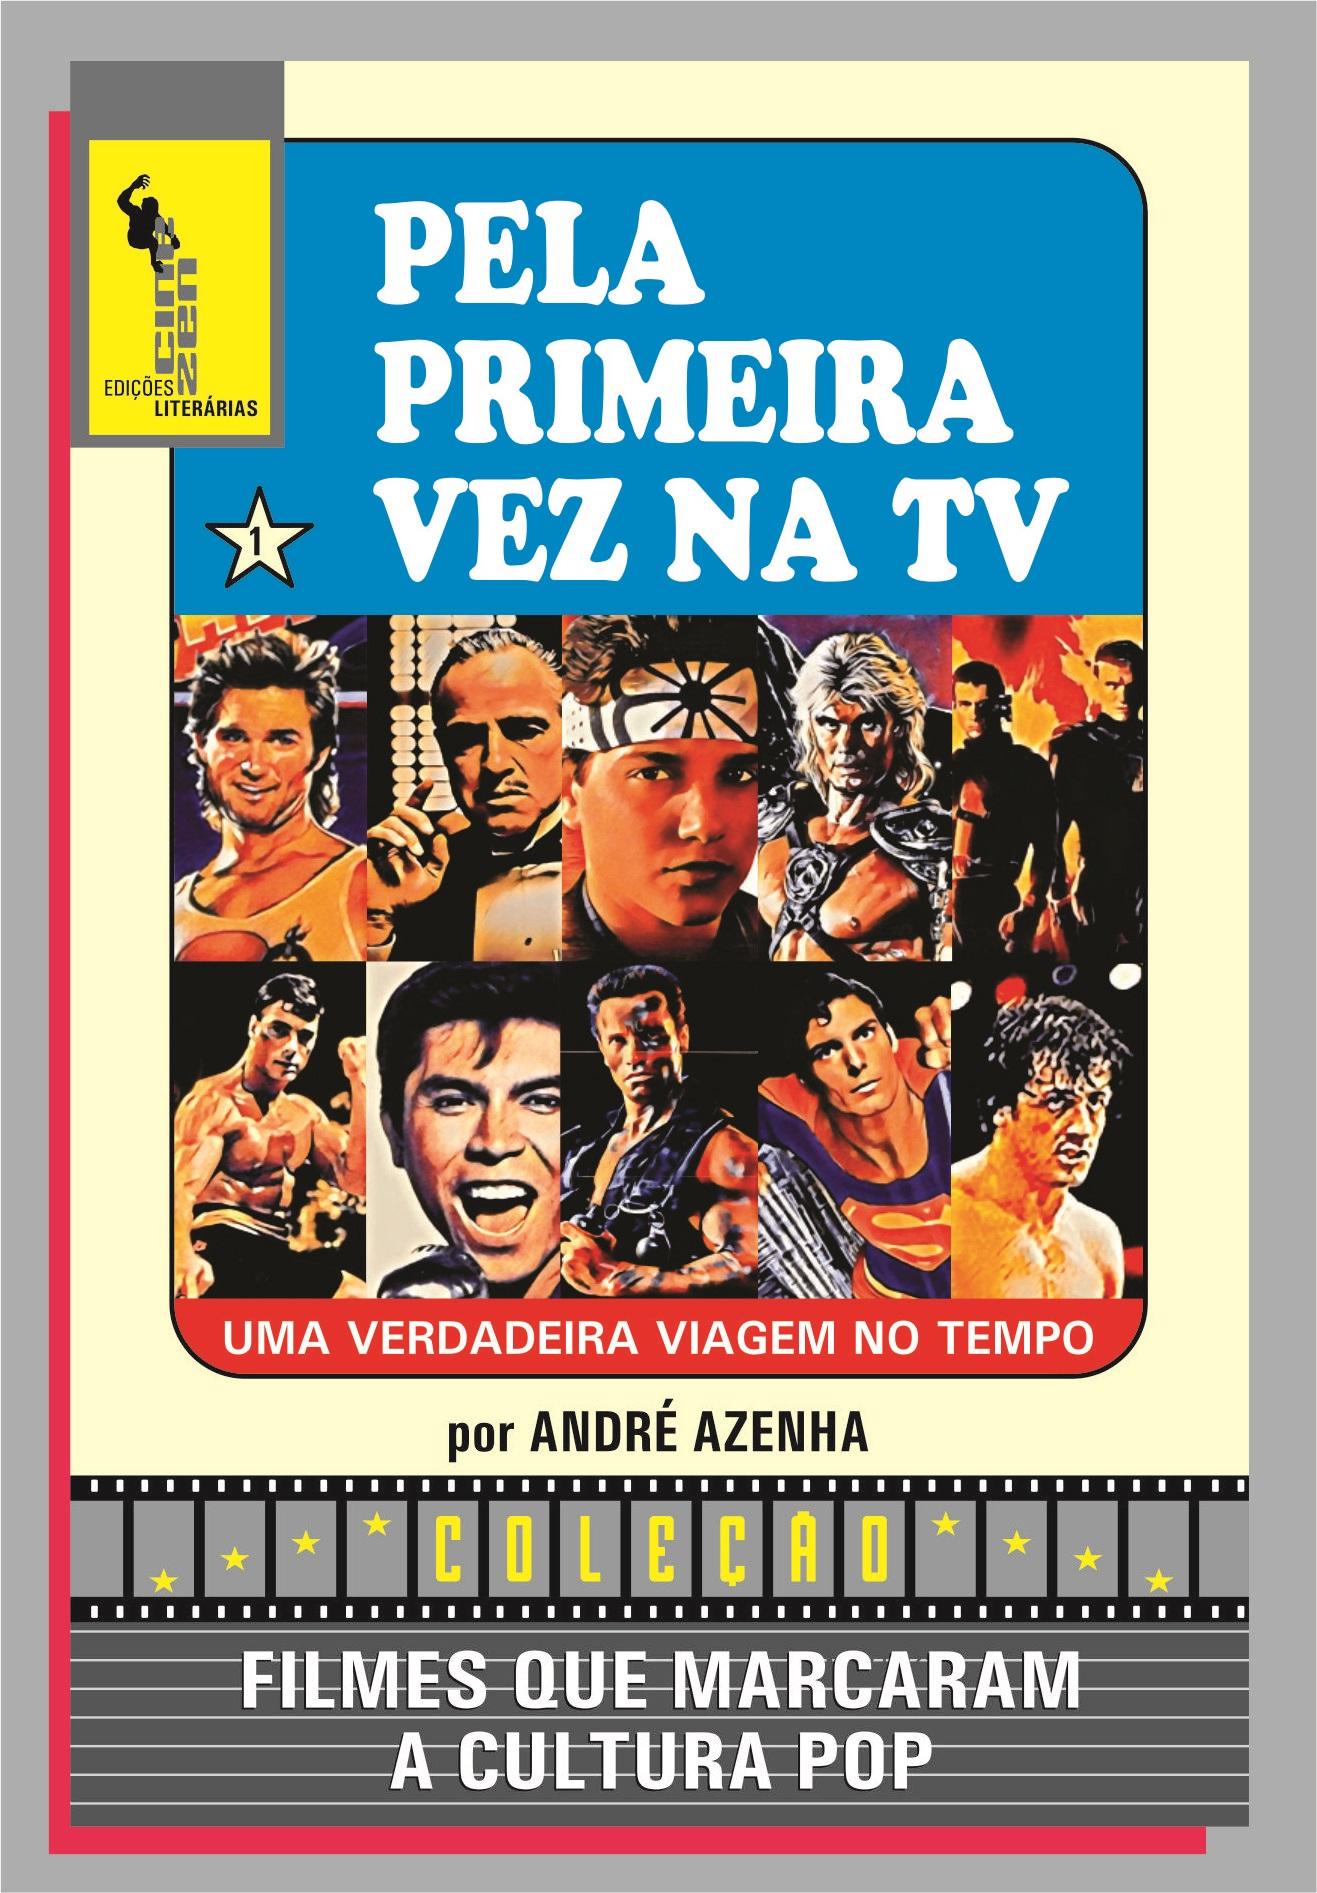 """Livro """"Filmes que Marcaram a Cultura Pop – Volume 1"""" reúne artigos sobre clássicos e cults dos anos 1970 aos 1990 10"""